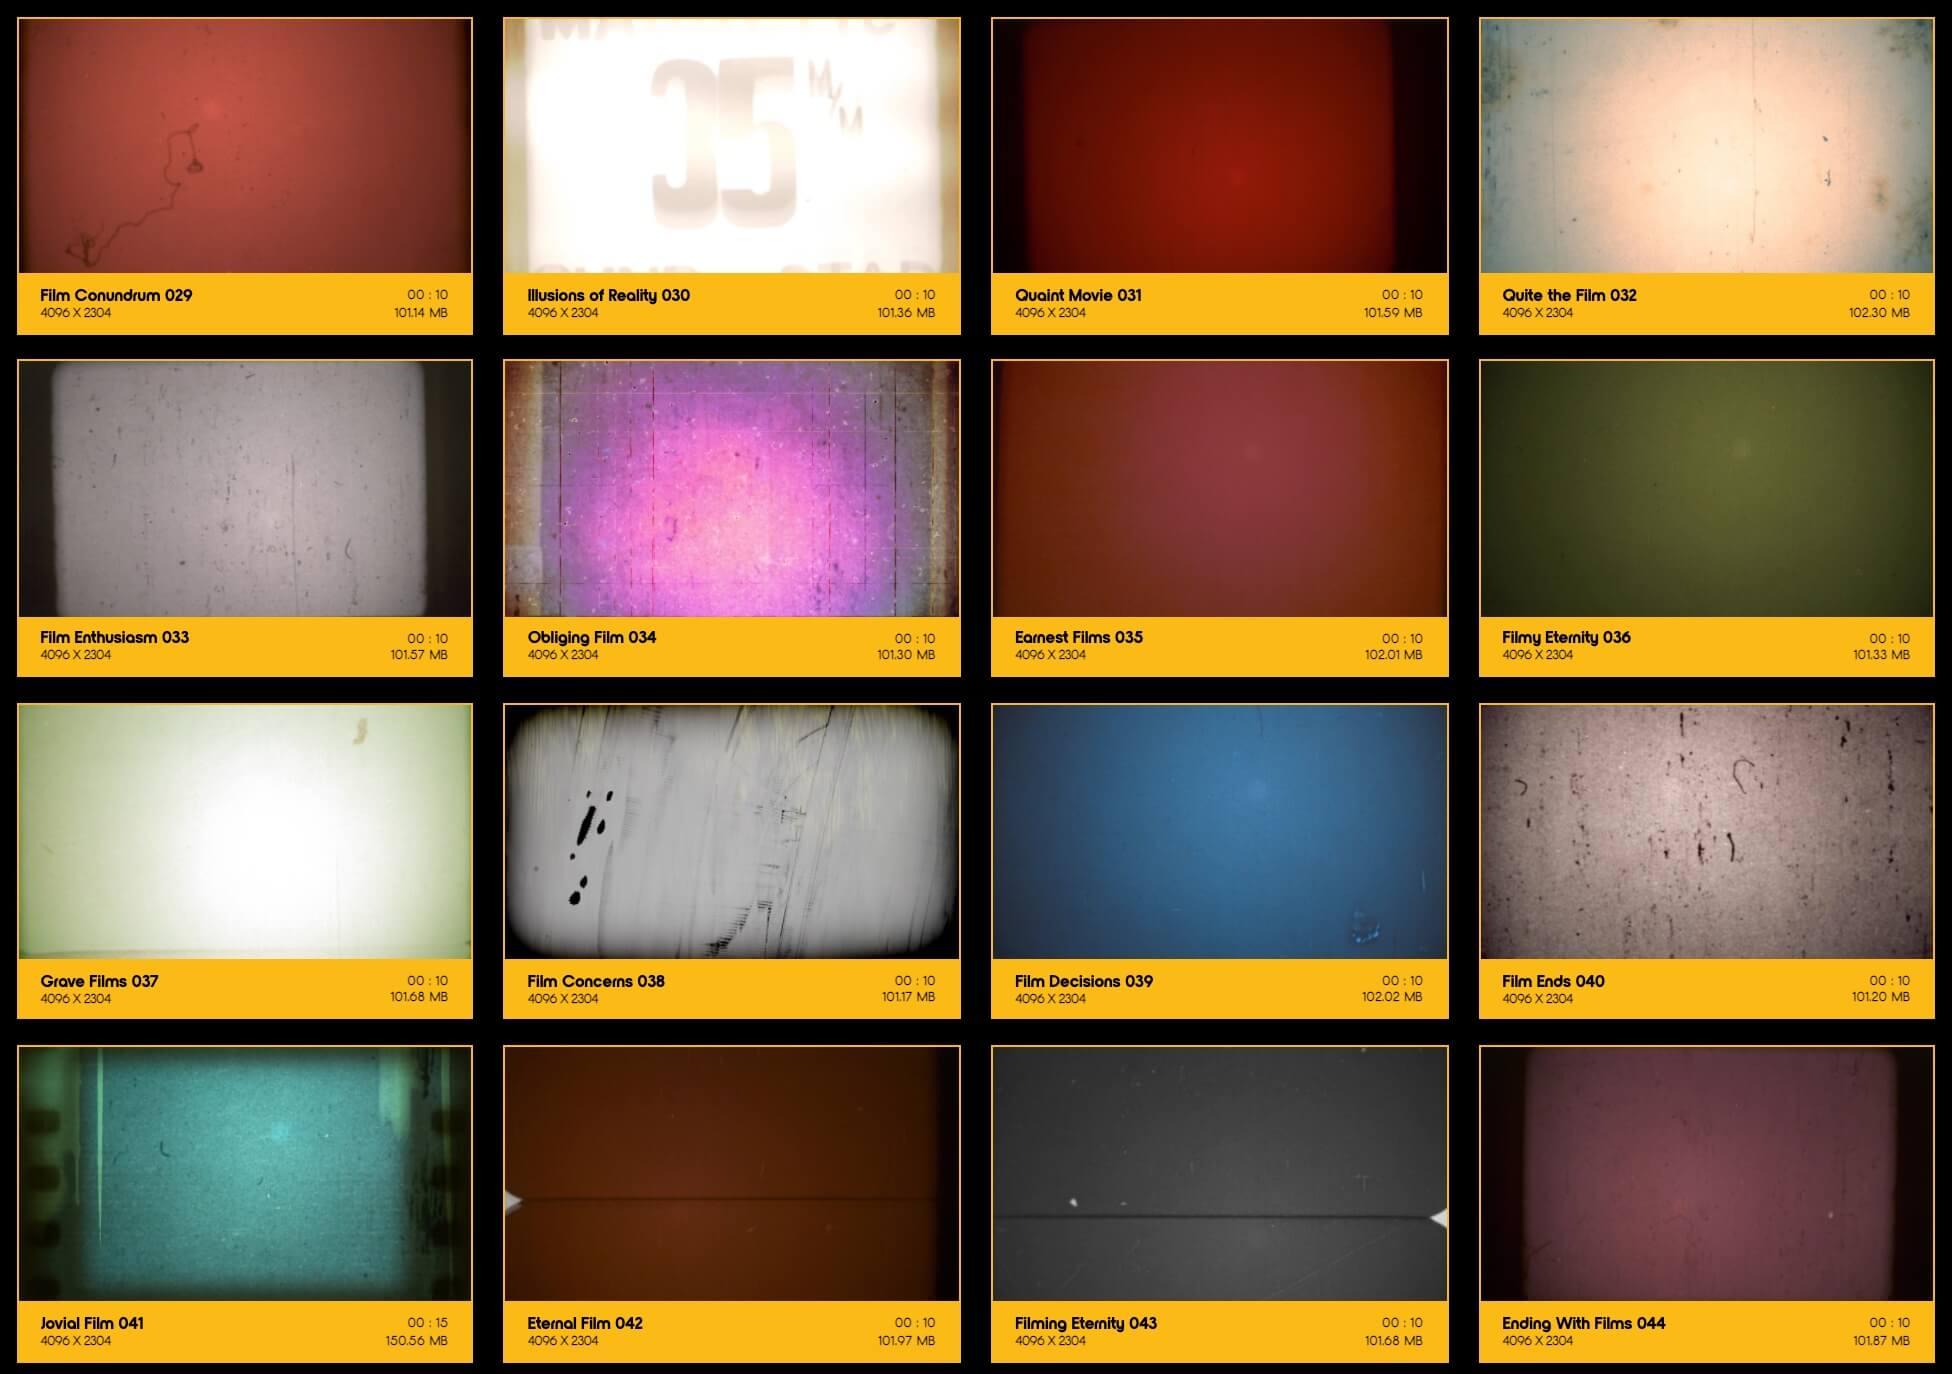 209个4K复古怀旧老电影胶片灼烧刮痕污渍噪波动画 特效合成素材 Film Clutter BBV10